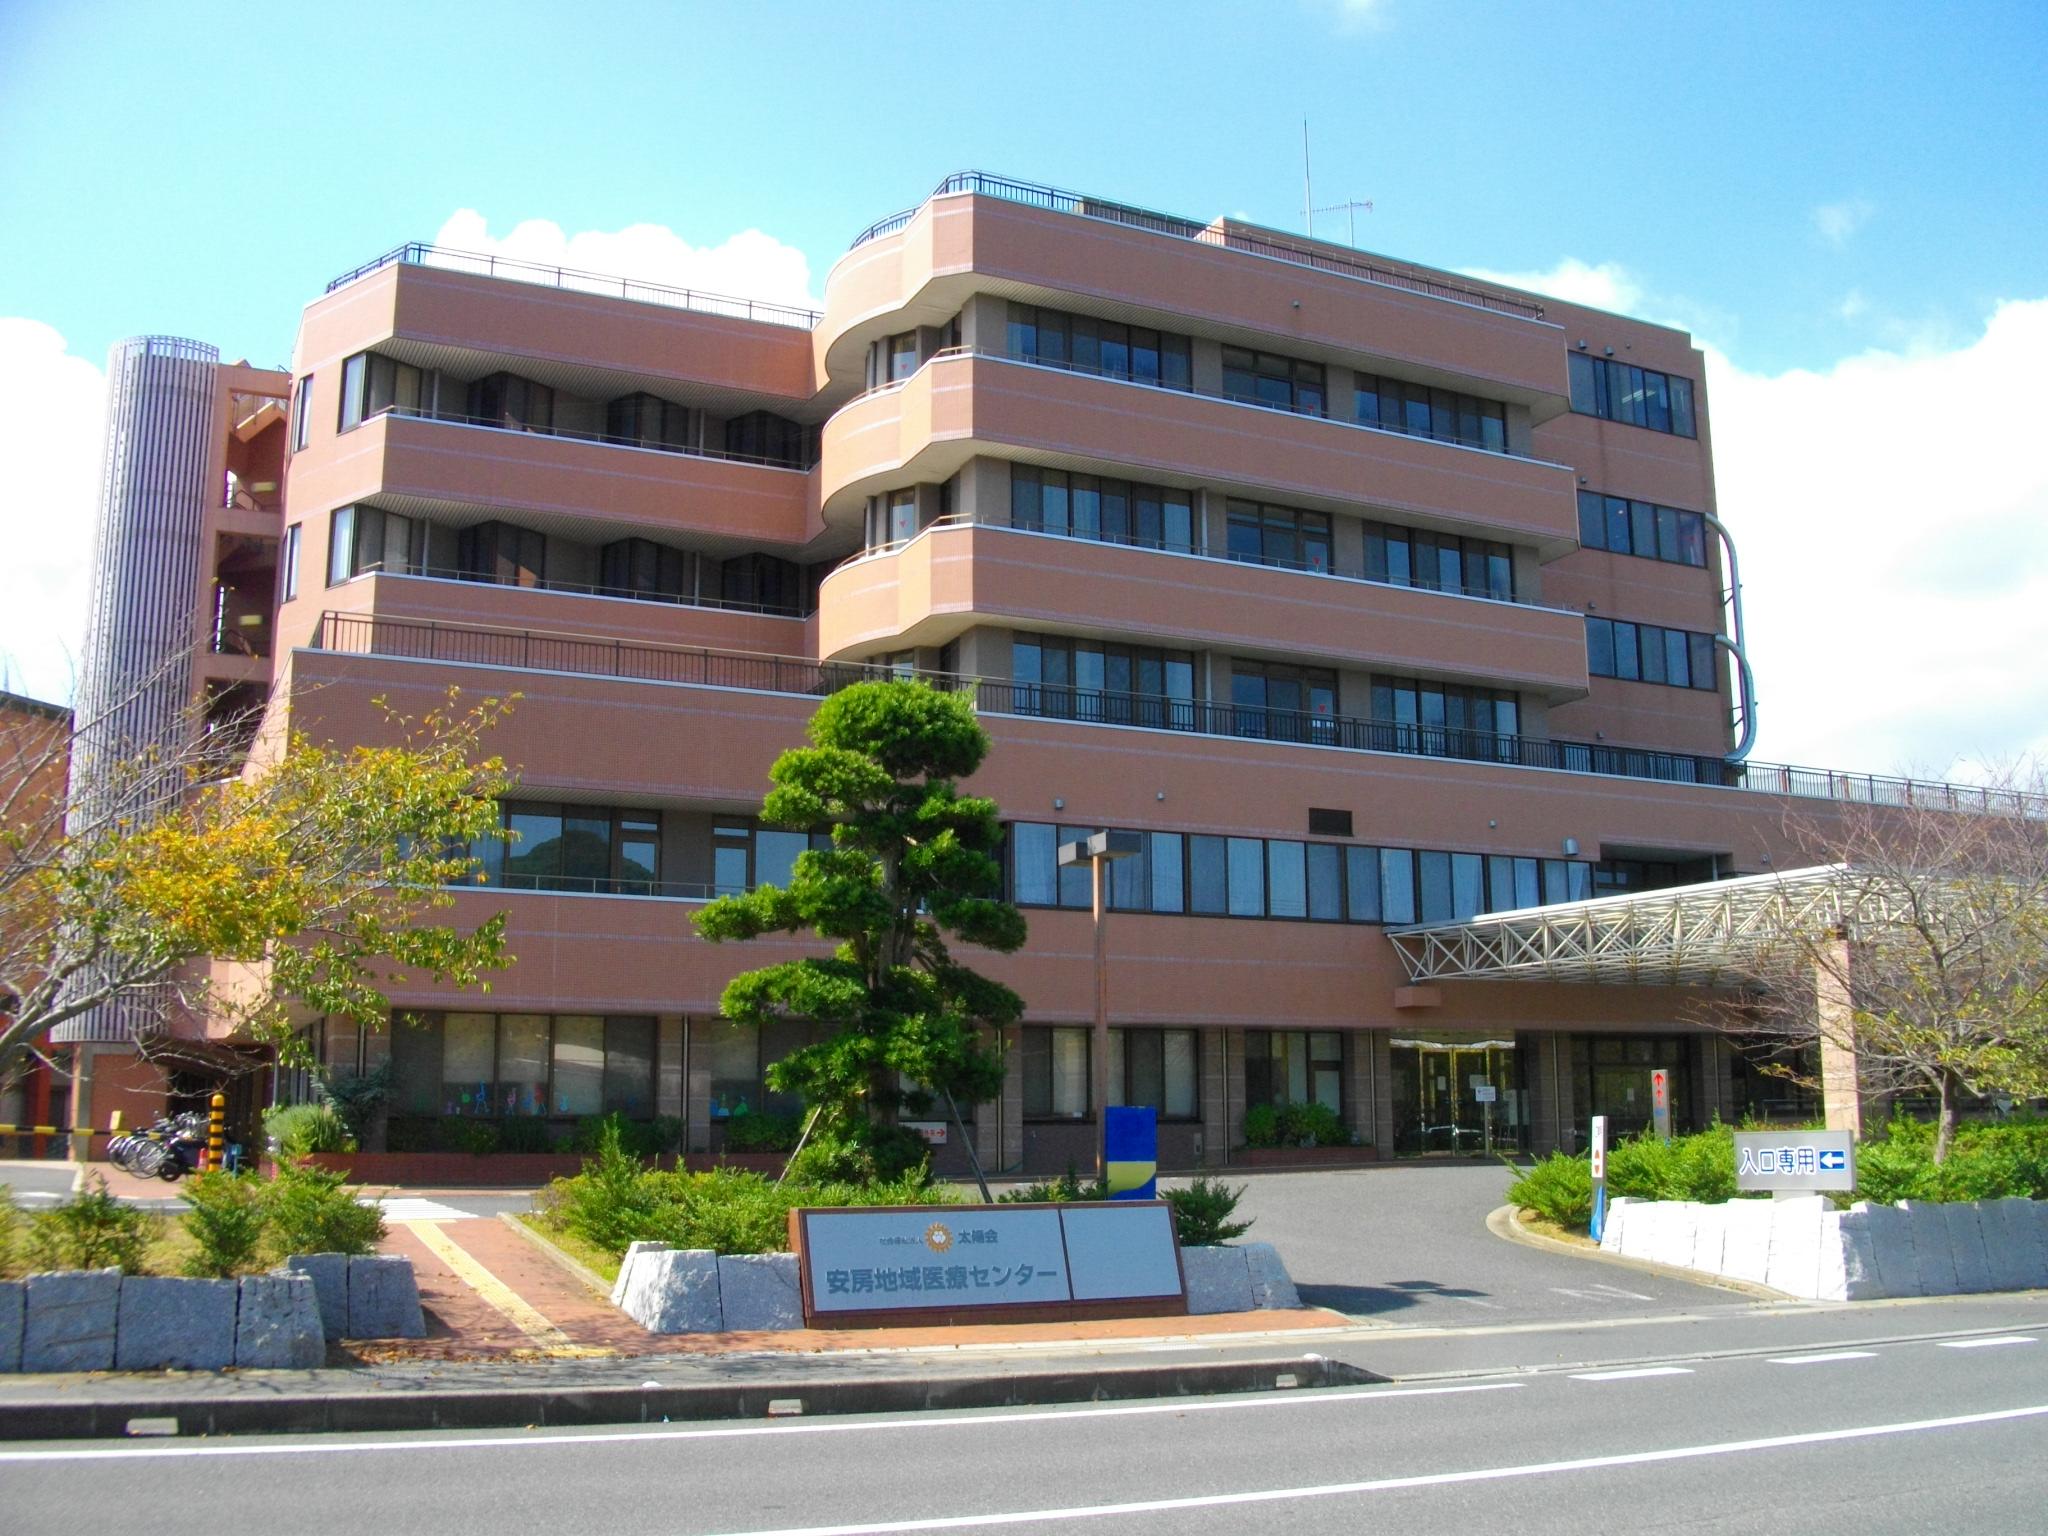 安房 地域 医療 センター 診療受付時間・ご予約方法 安房地域医療センター